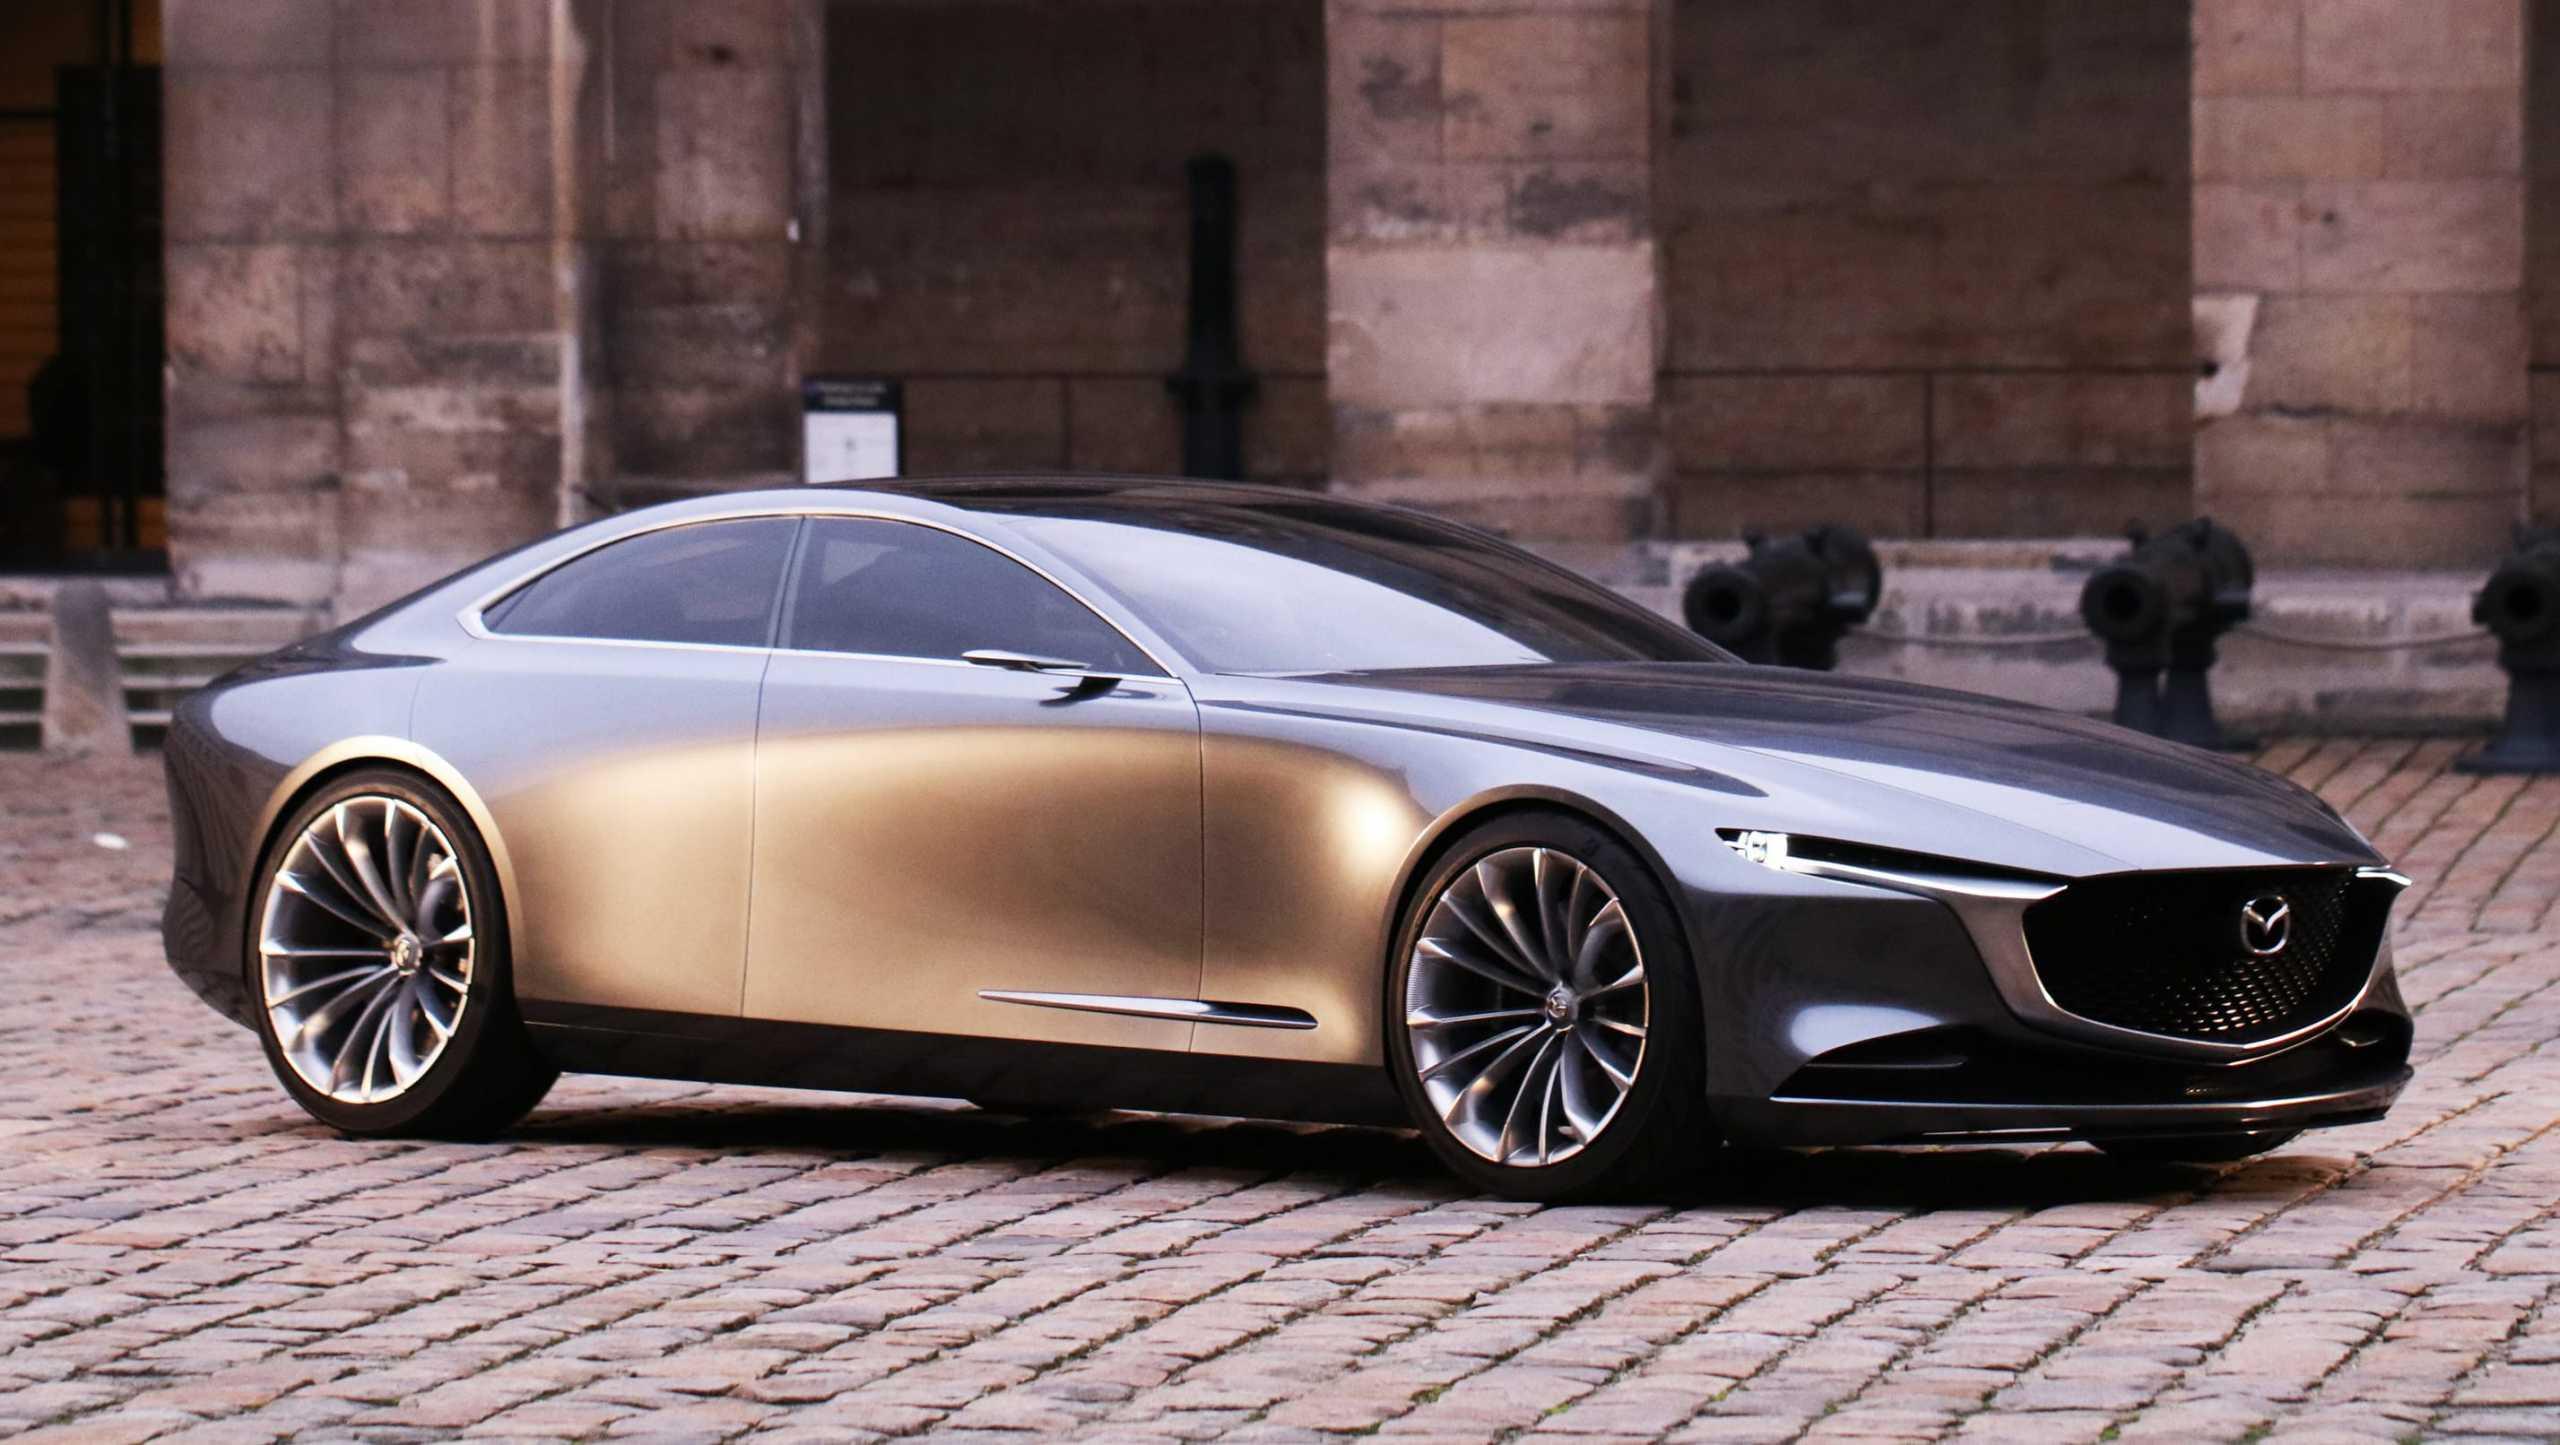 Τα μελλοντικά μοντέλα της Mazda θα είναι «απαγορευτικά» για την Ελλάδα